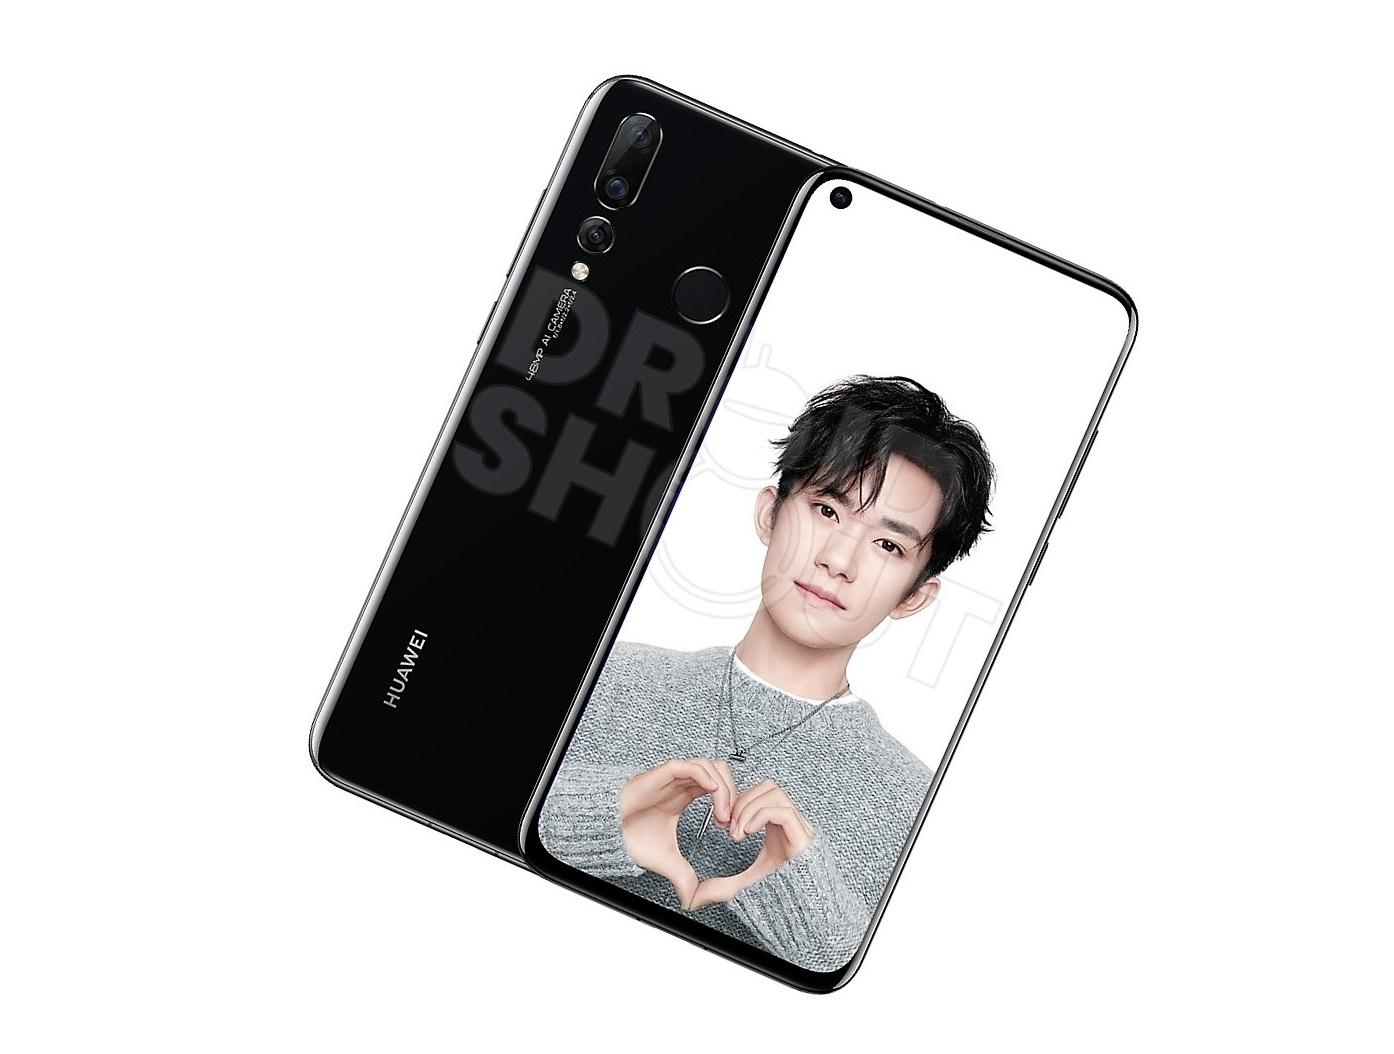 Huawei Nova 5 certified in China, 40 W charging in tow